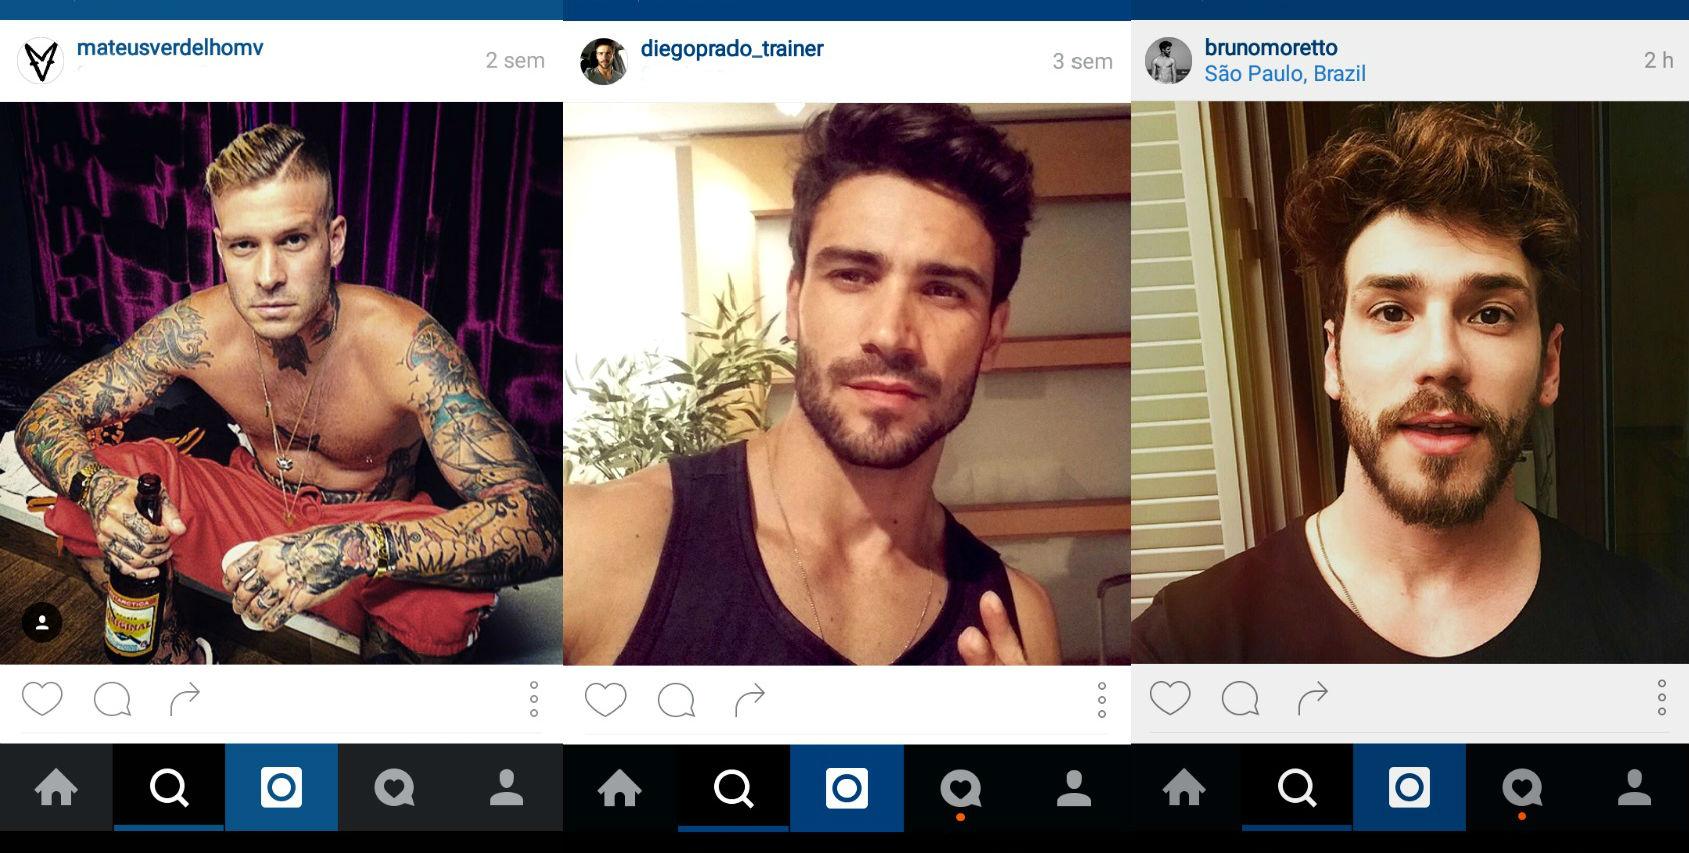 Homem No Espelho - cabelos do Instagram 7.